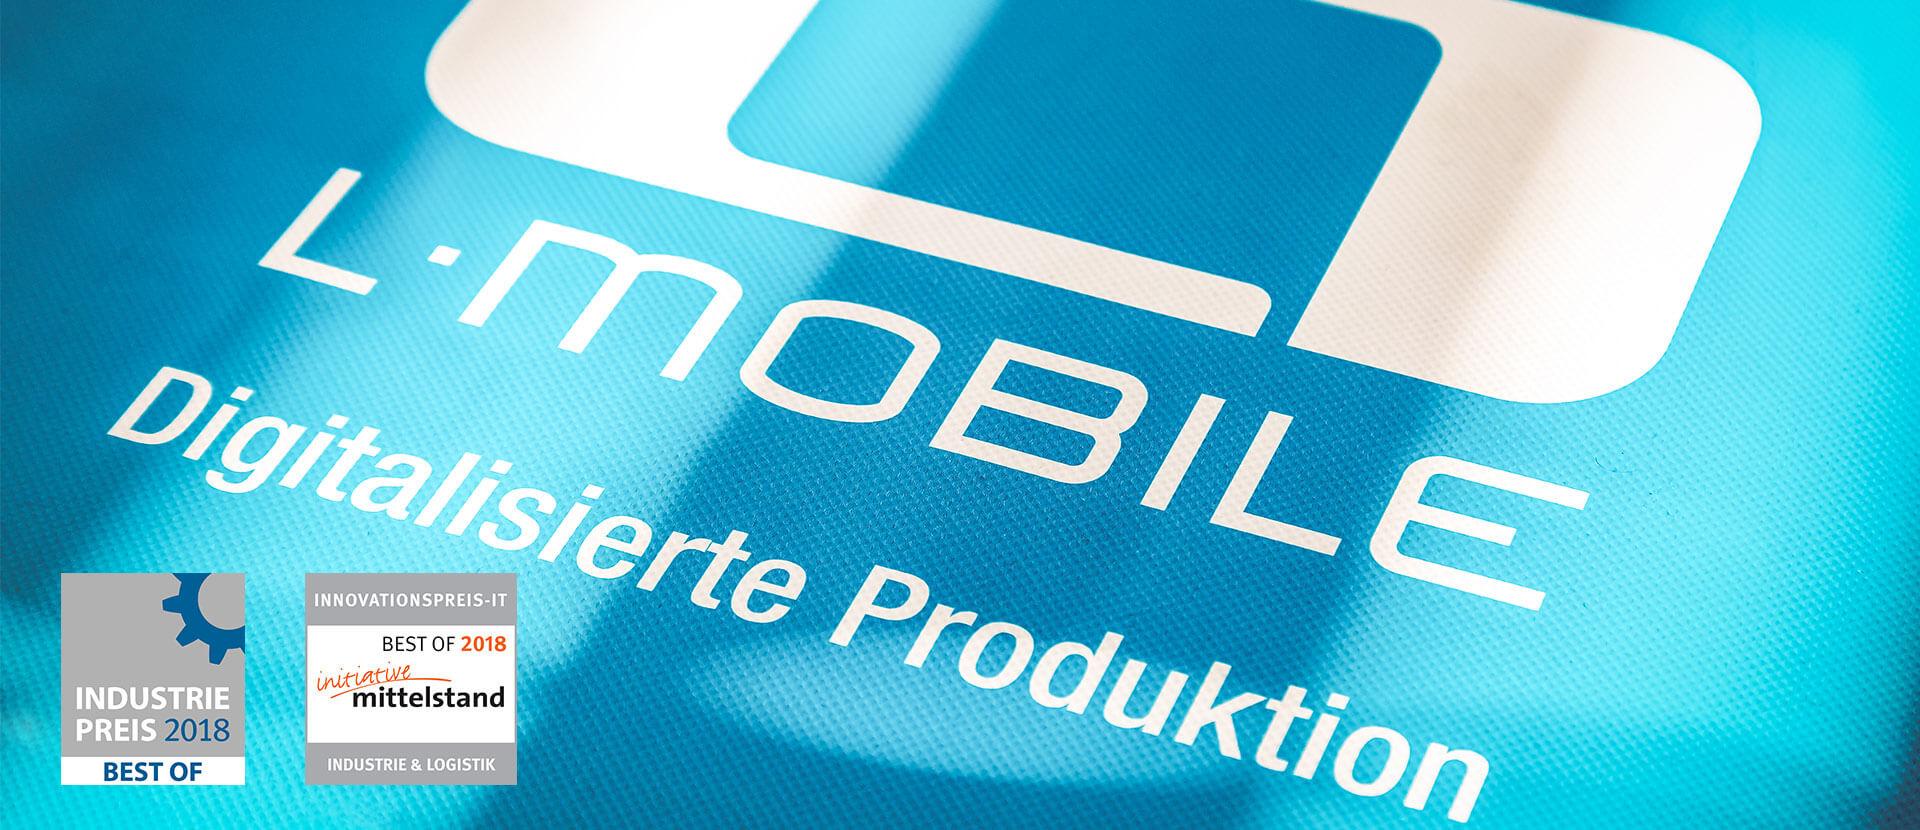 L-mobile Digitalisierte Produktion Infothekbeitrag